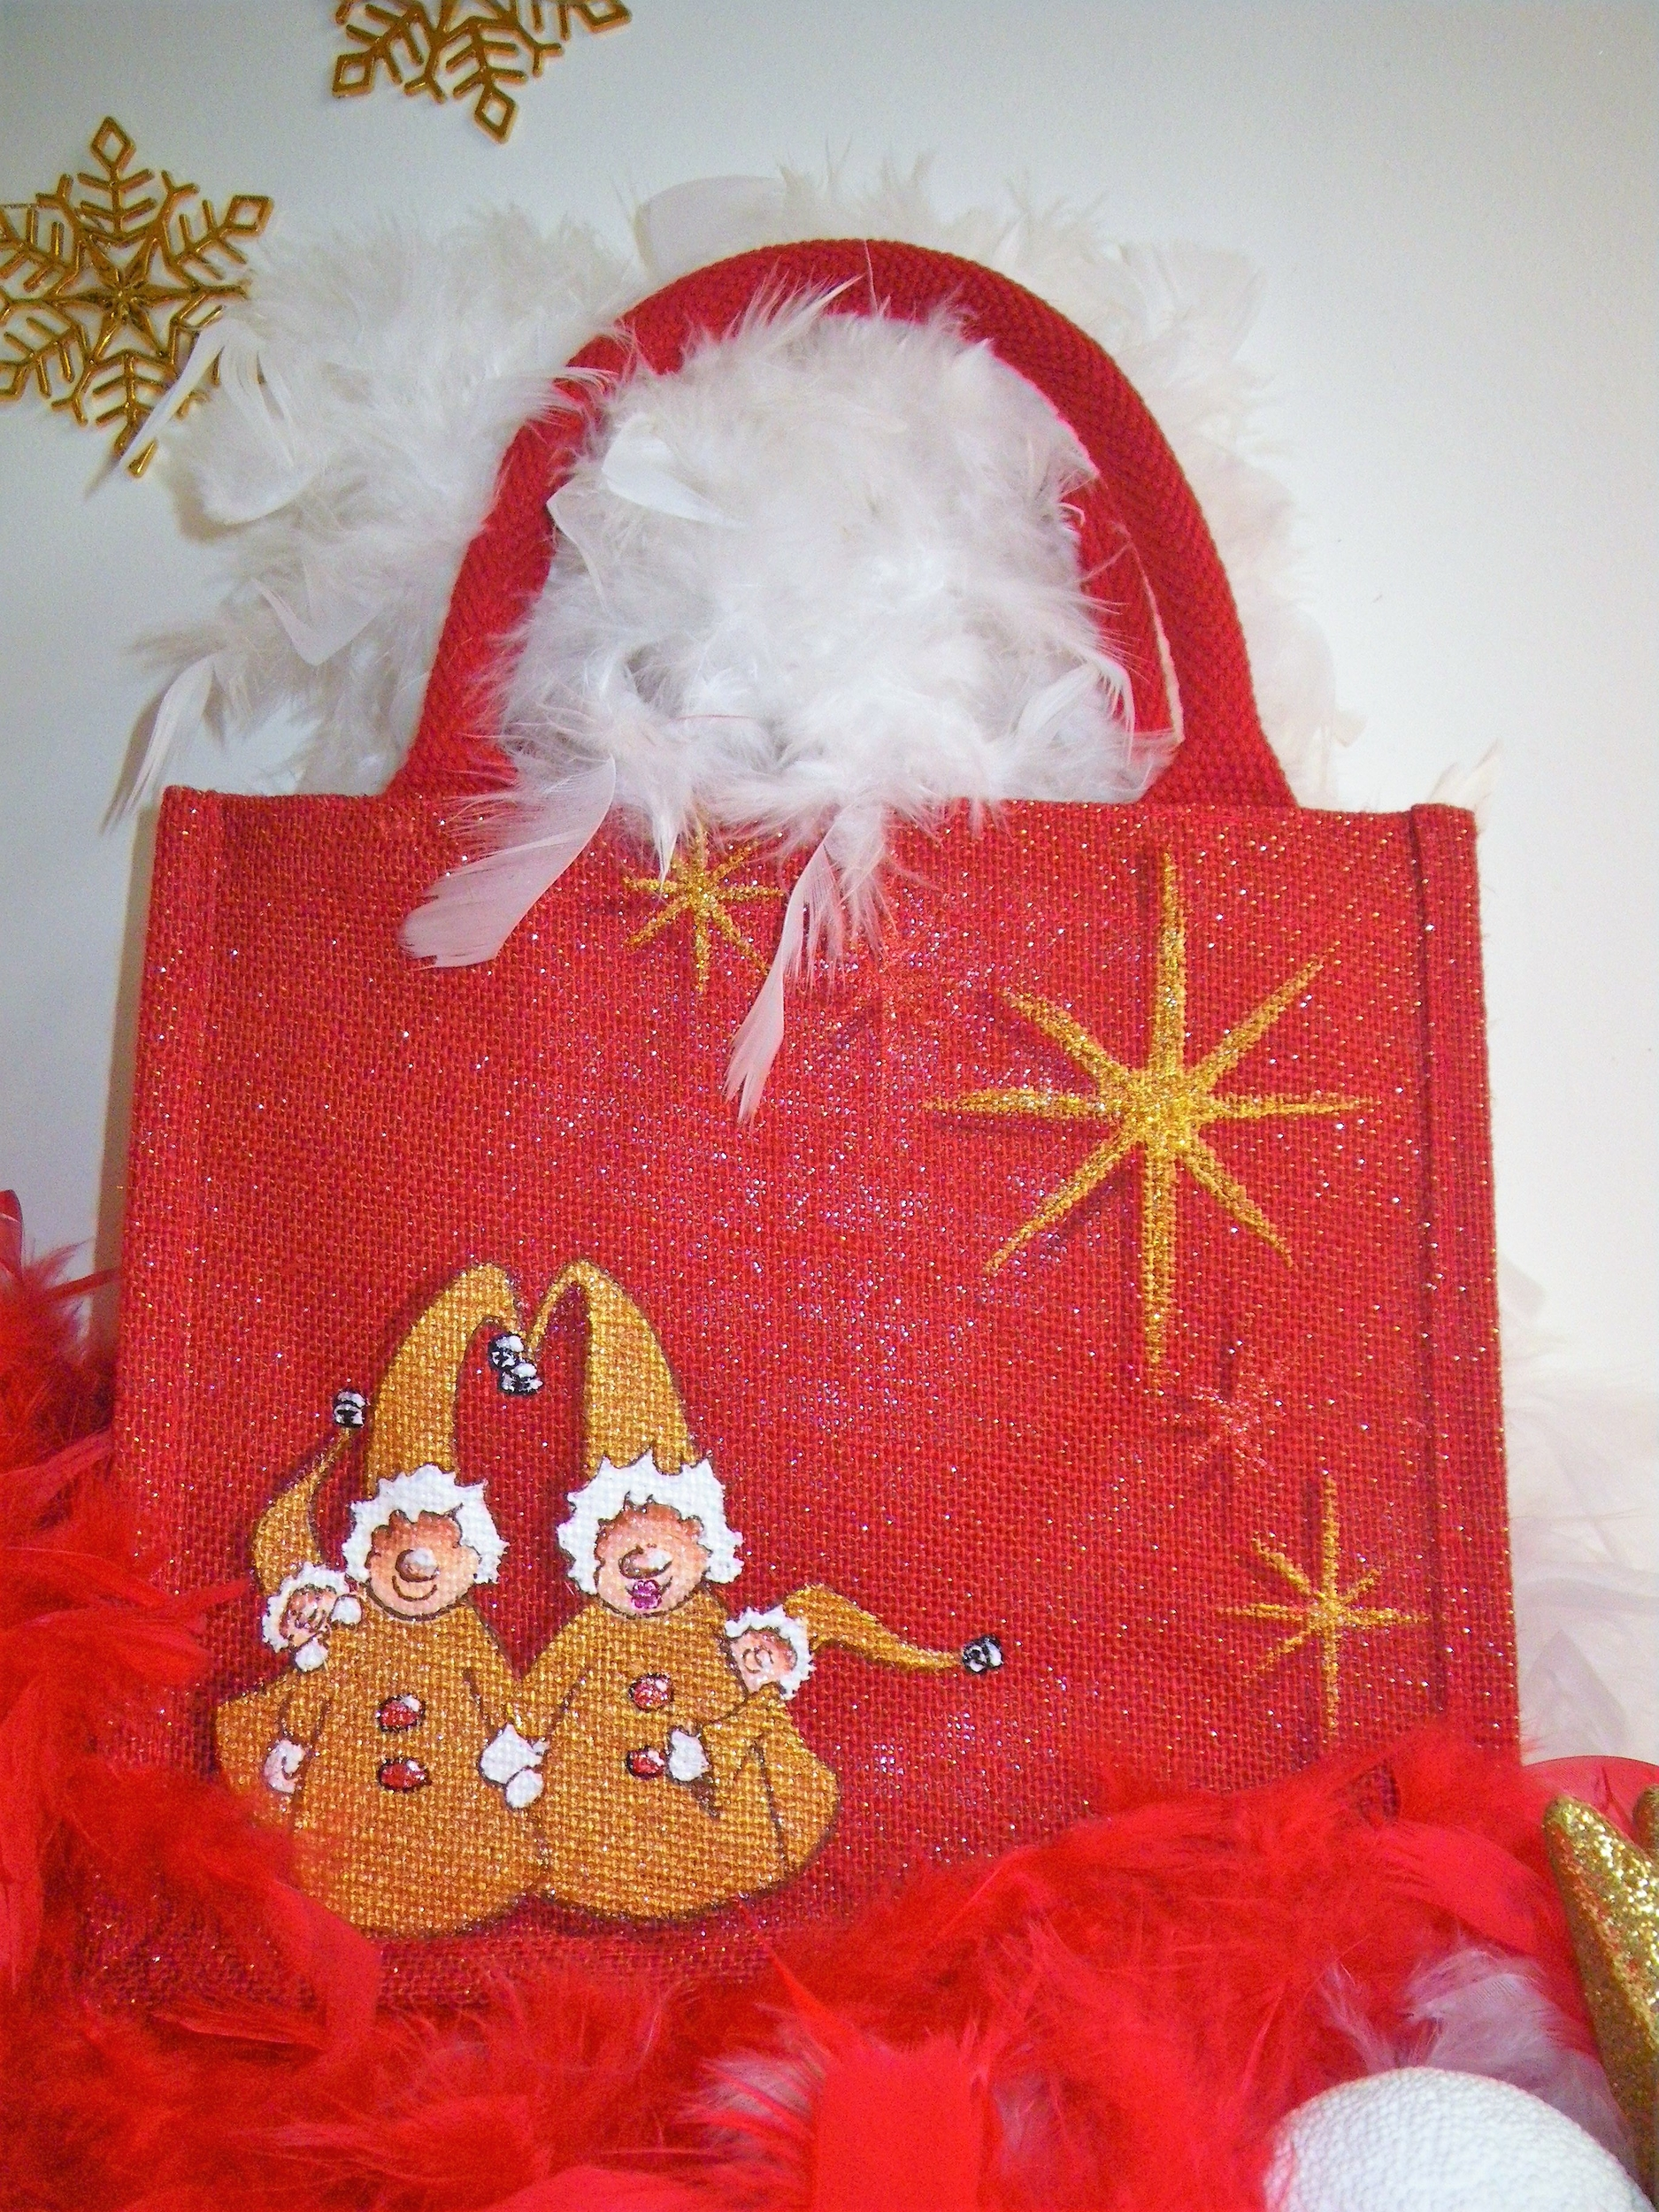 Sac rouge pailleté avec lutins de Noël